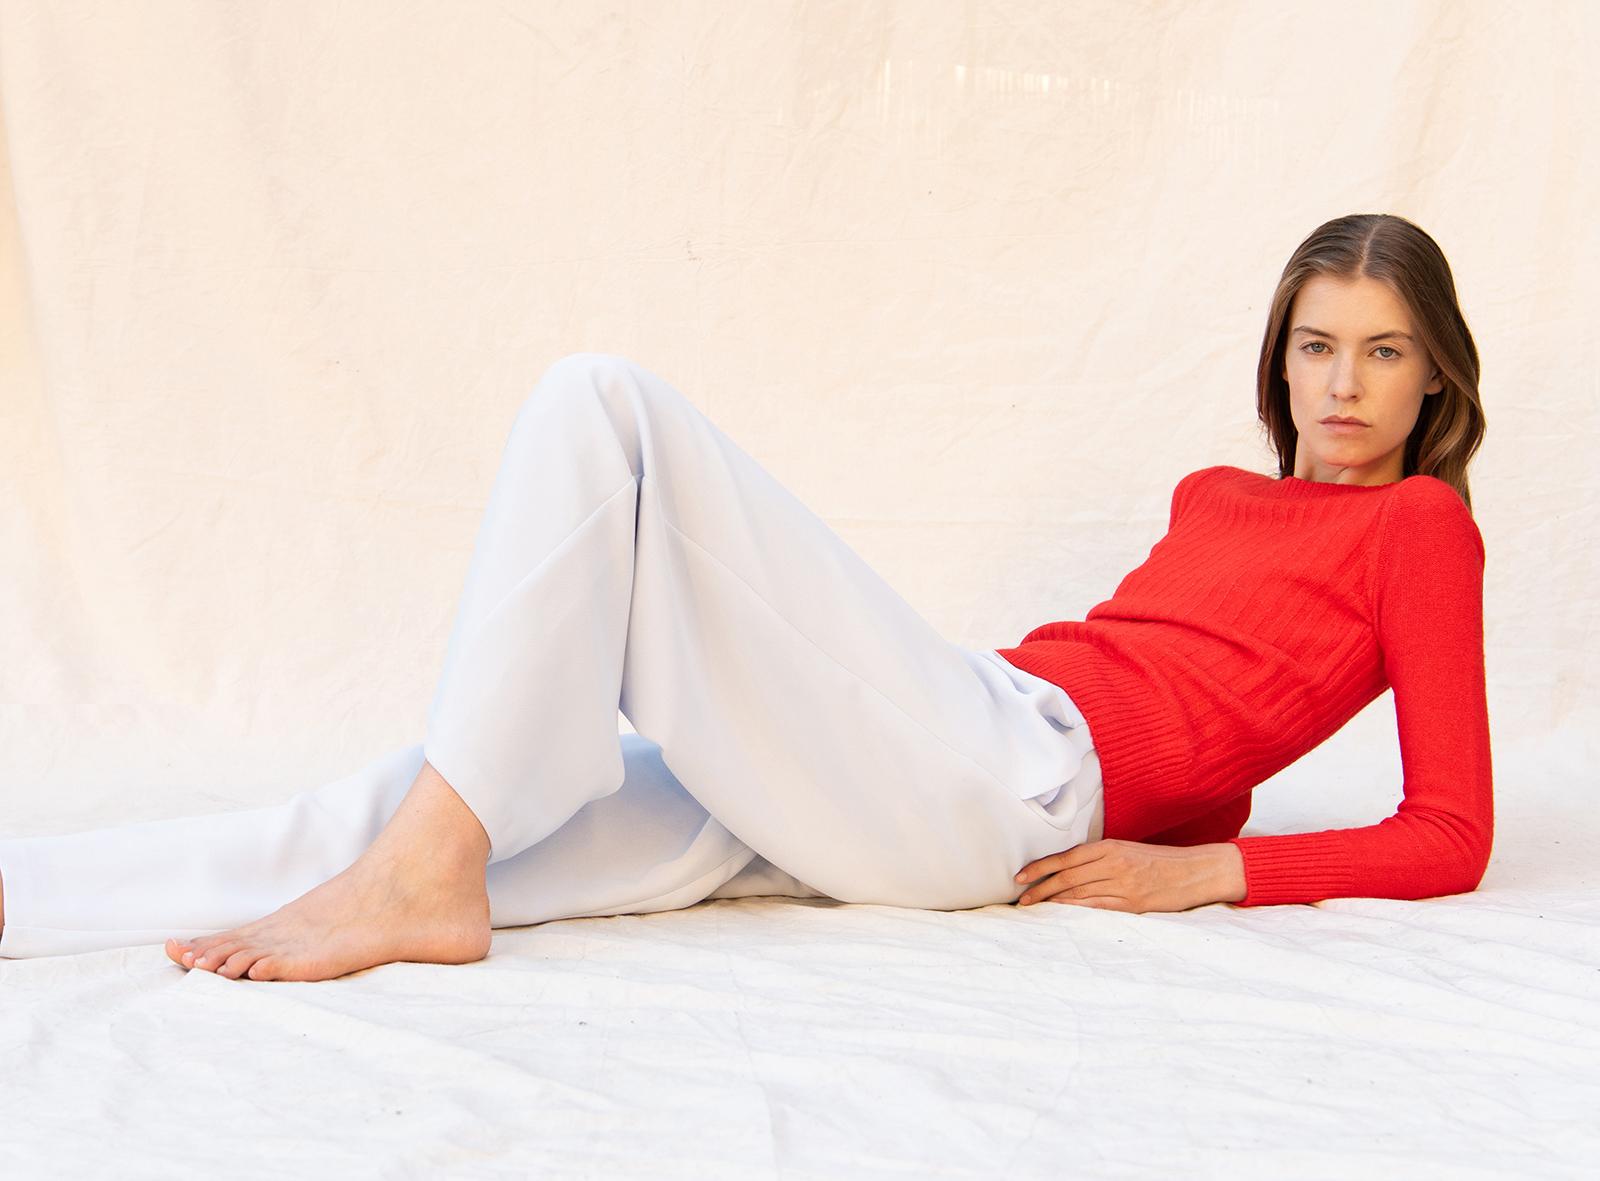 Eva models модельный бизнес железногорск илимский